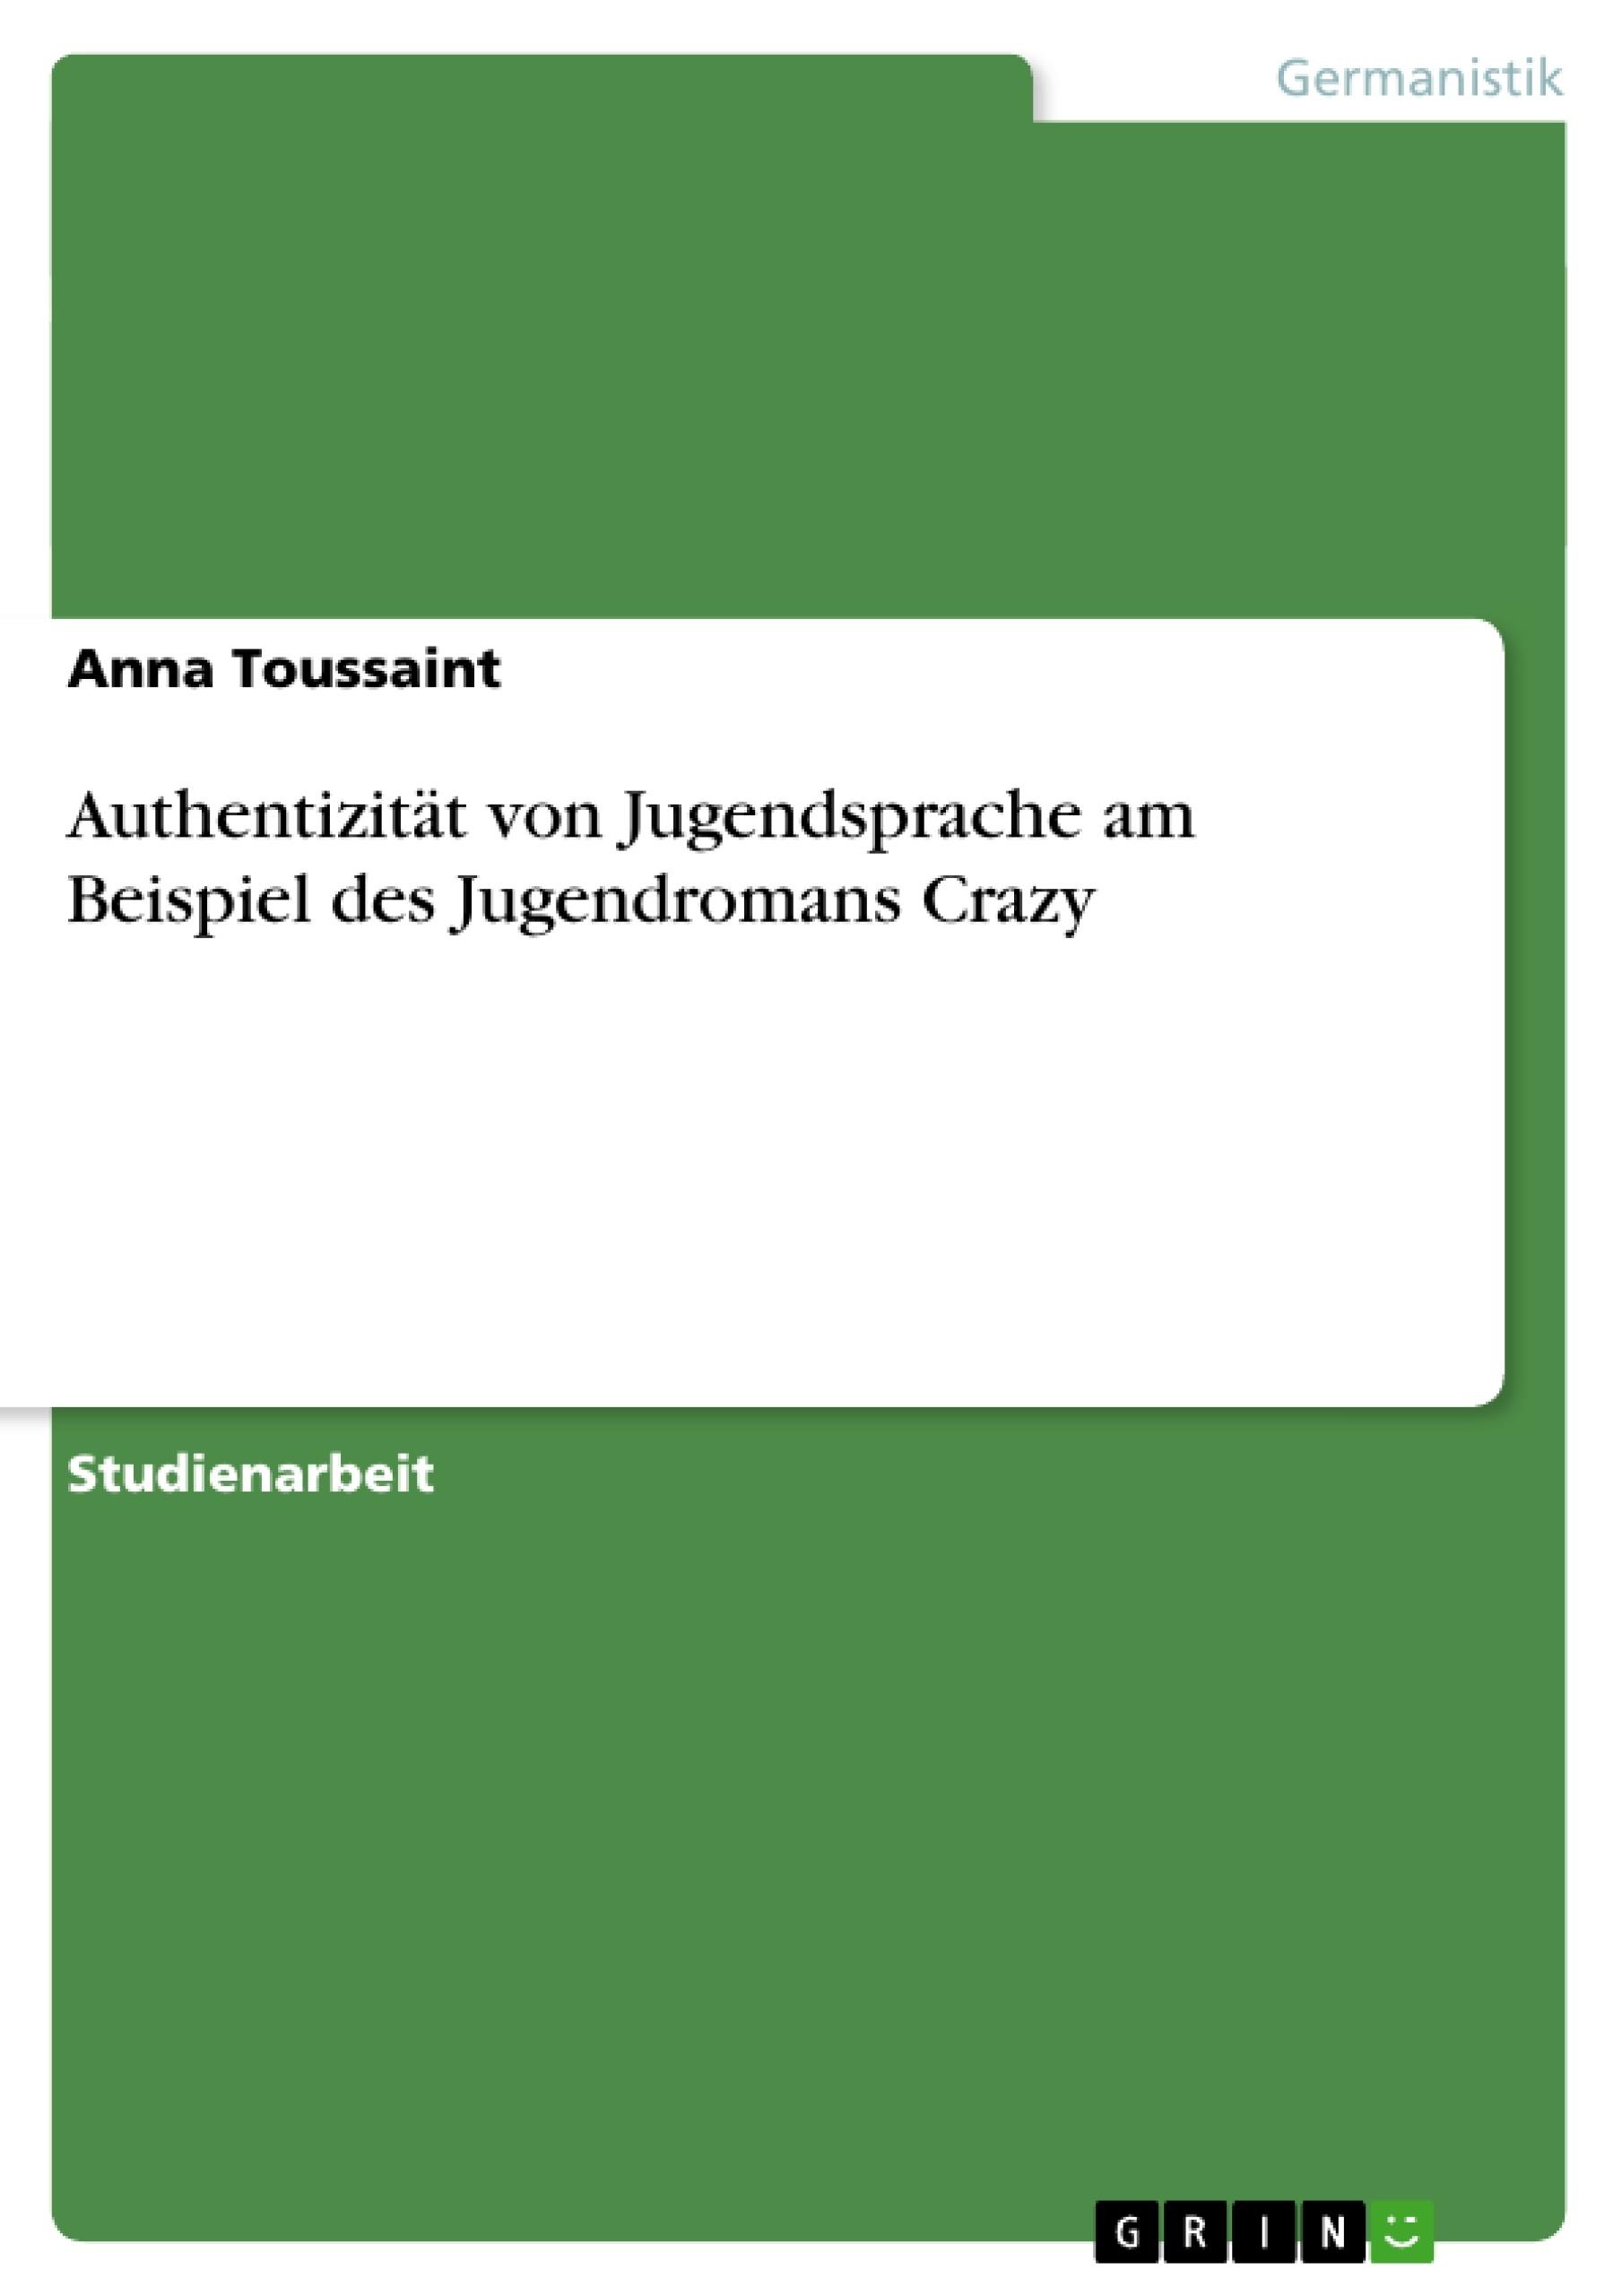 Titel: Authentizität von Jugendsprache am Beispiel des Jugendromans Crazy